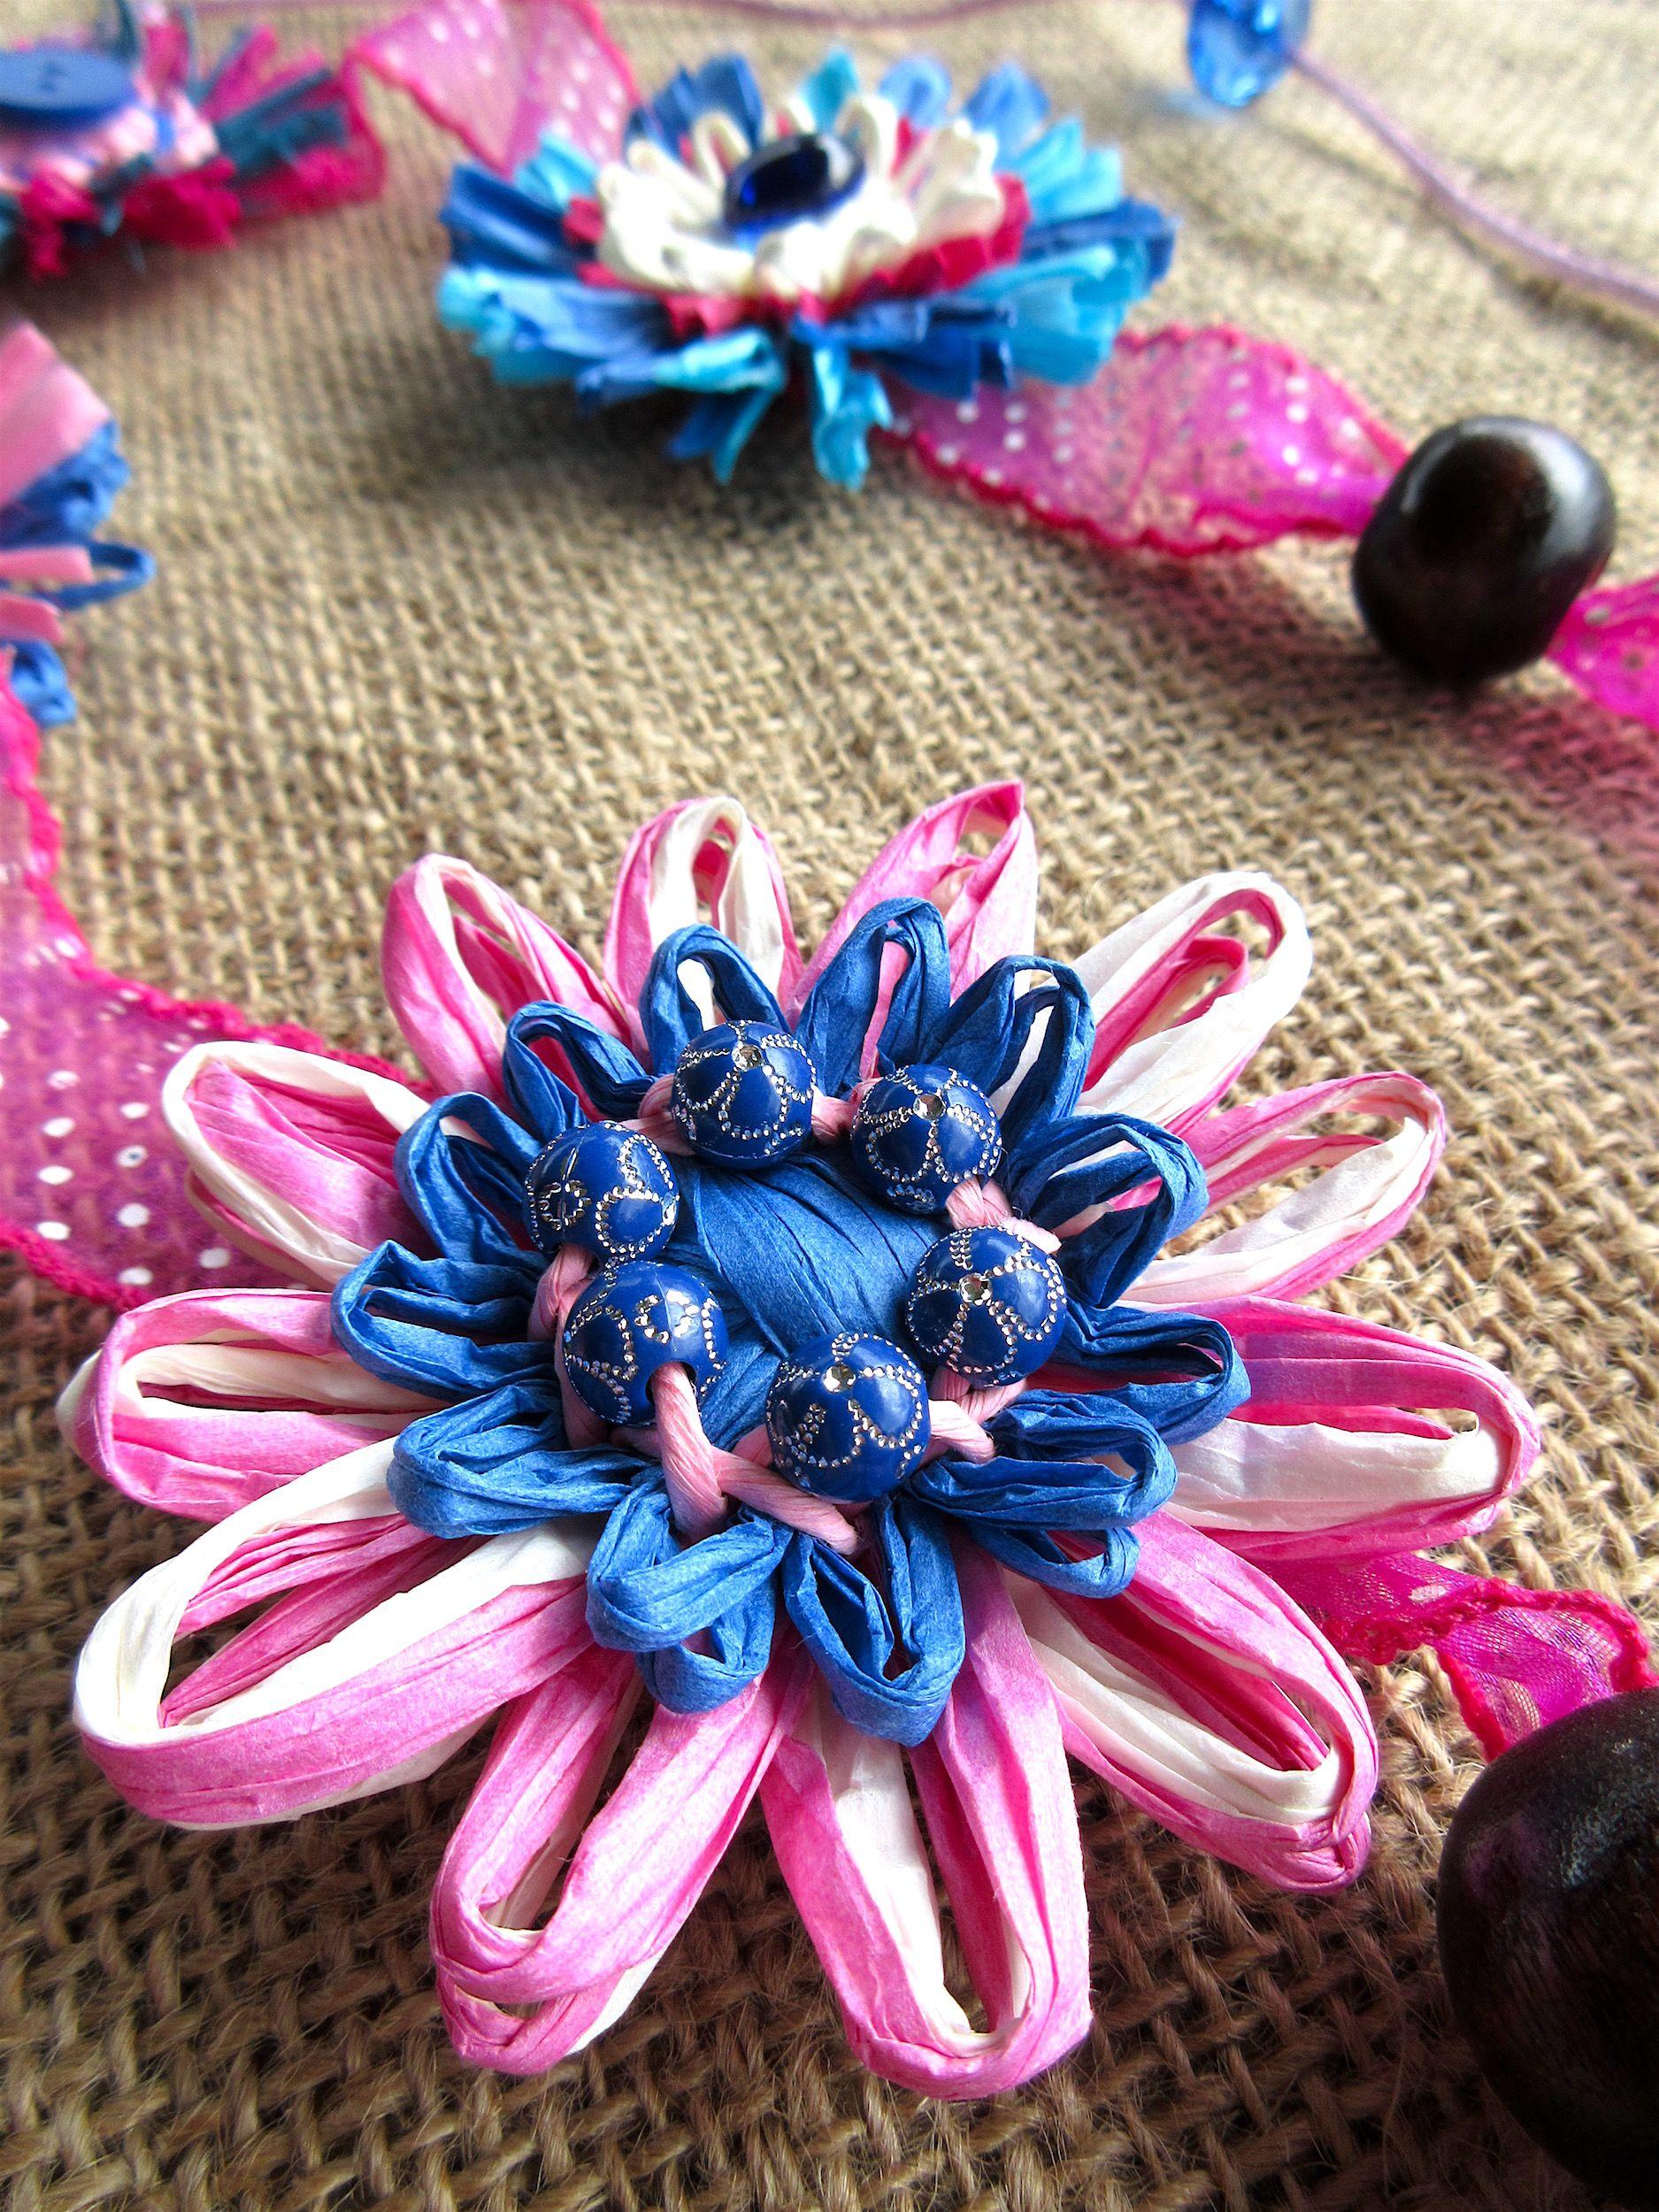 An everlasting flower blue pink white handmade of paper raffia an everlasting flower blue pink white handmade of paper raffia izmirmasajfo